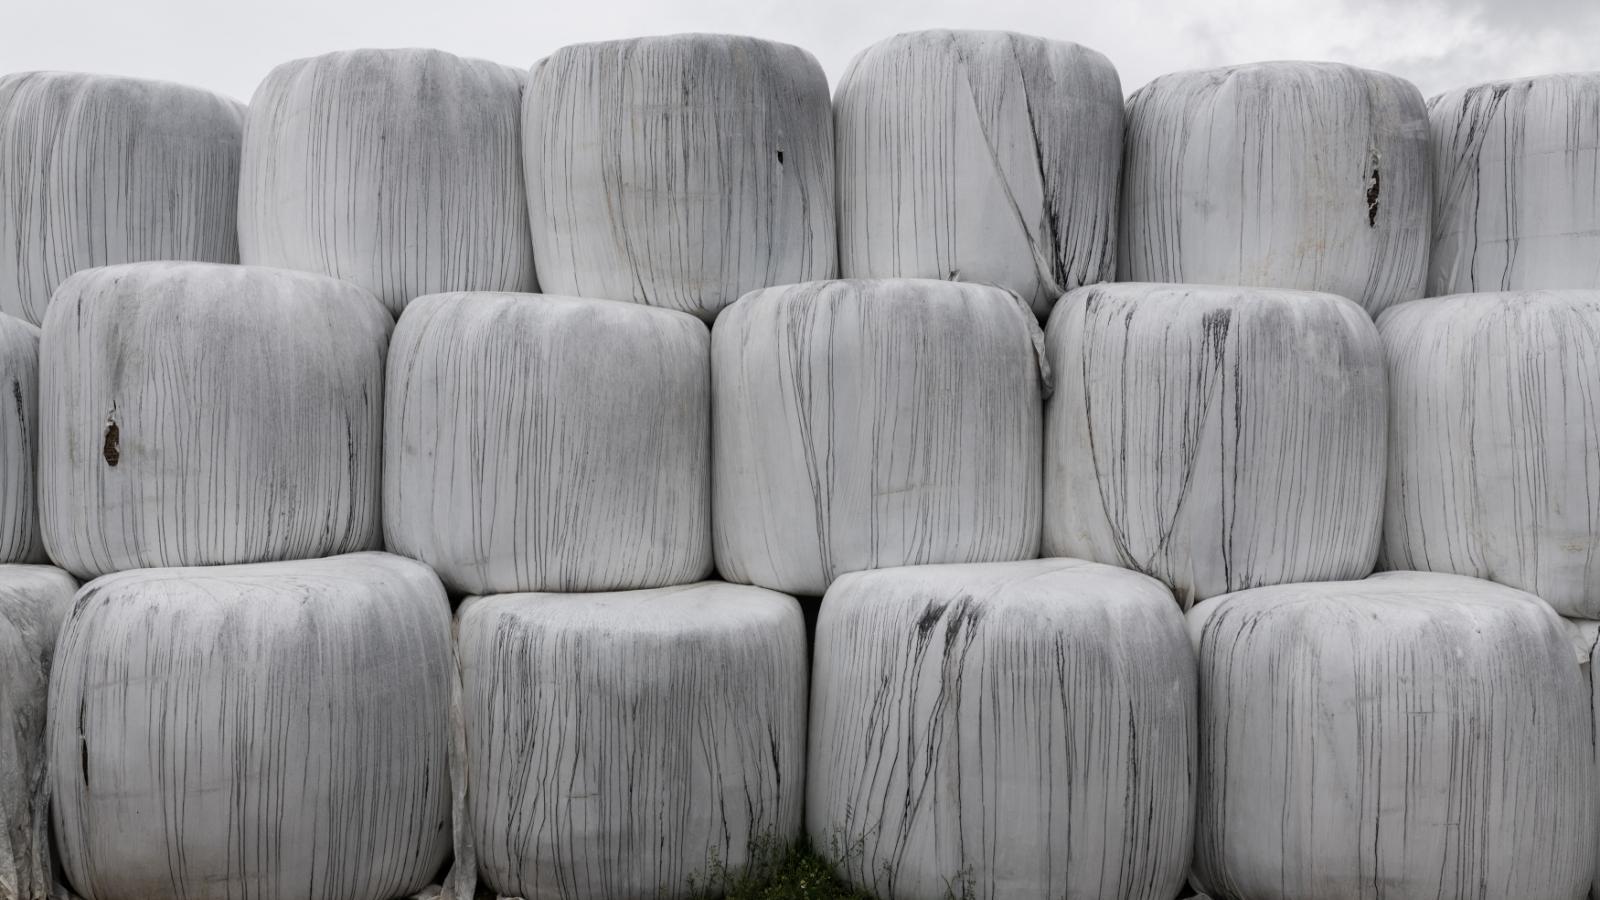 Balíky sena na farmě poblíž Rouen